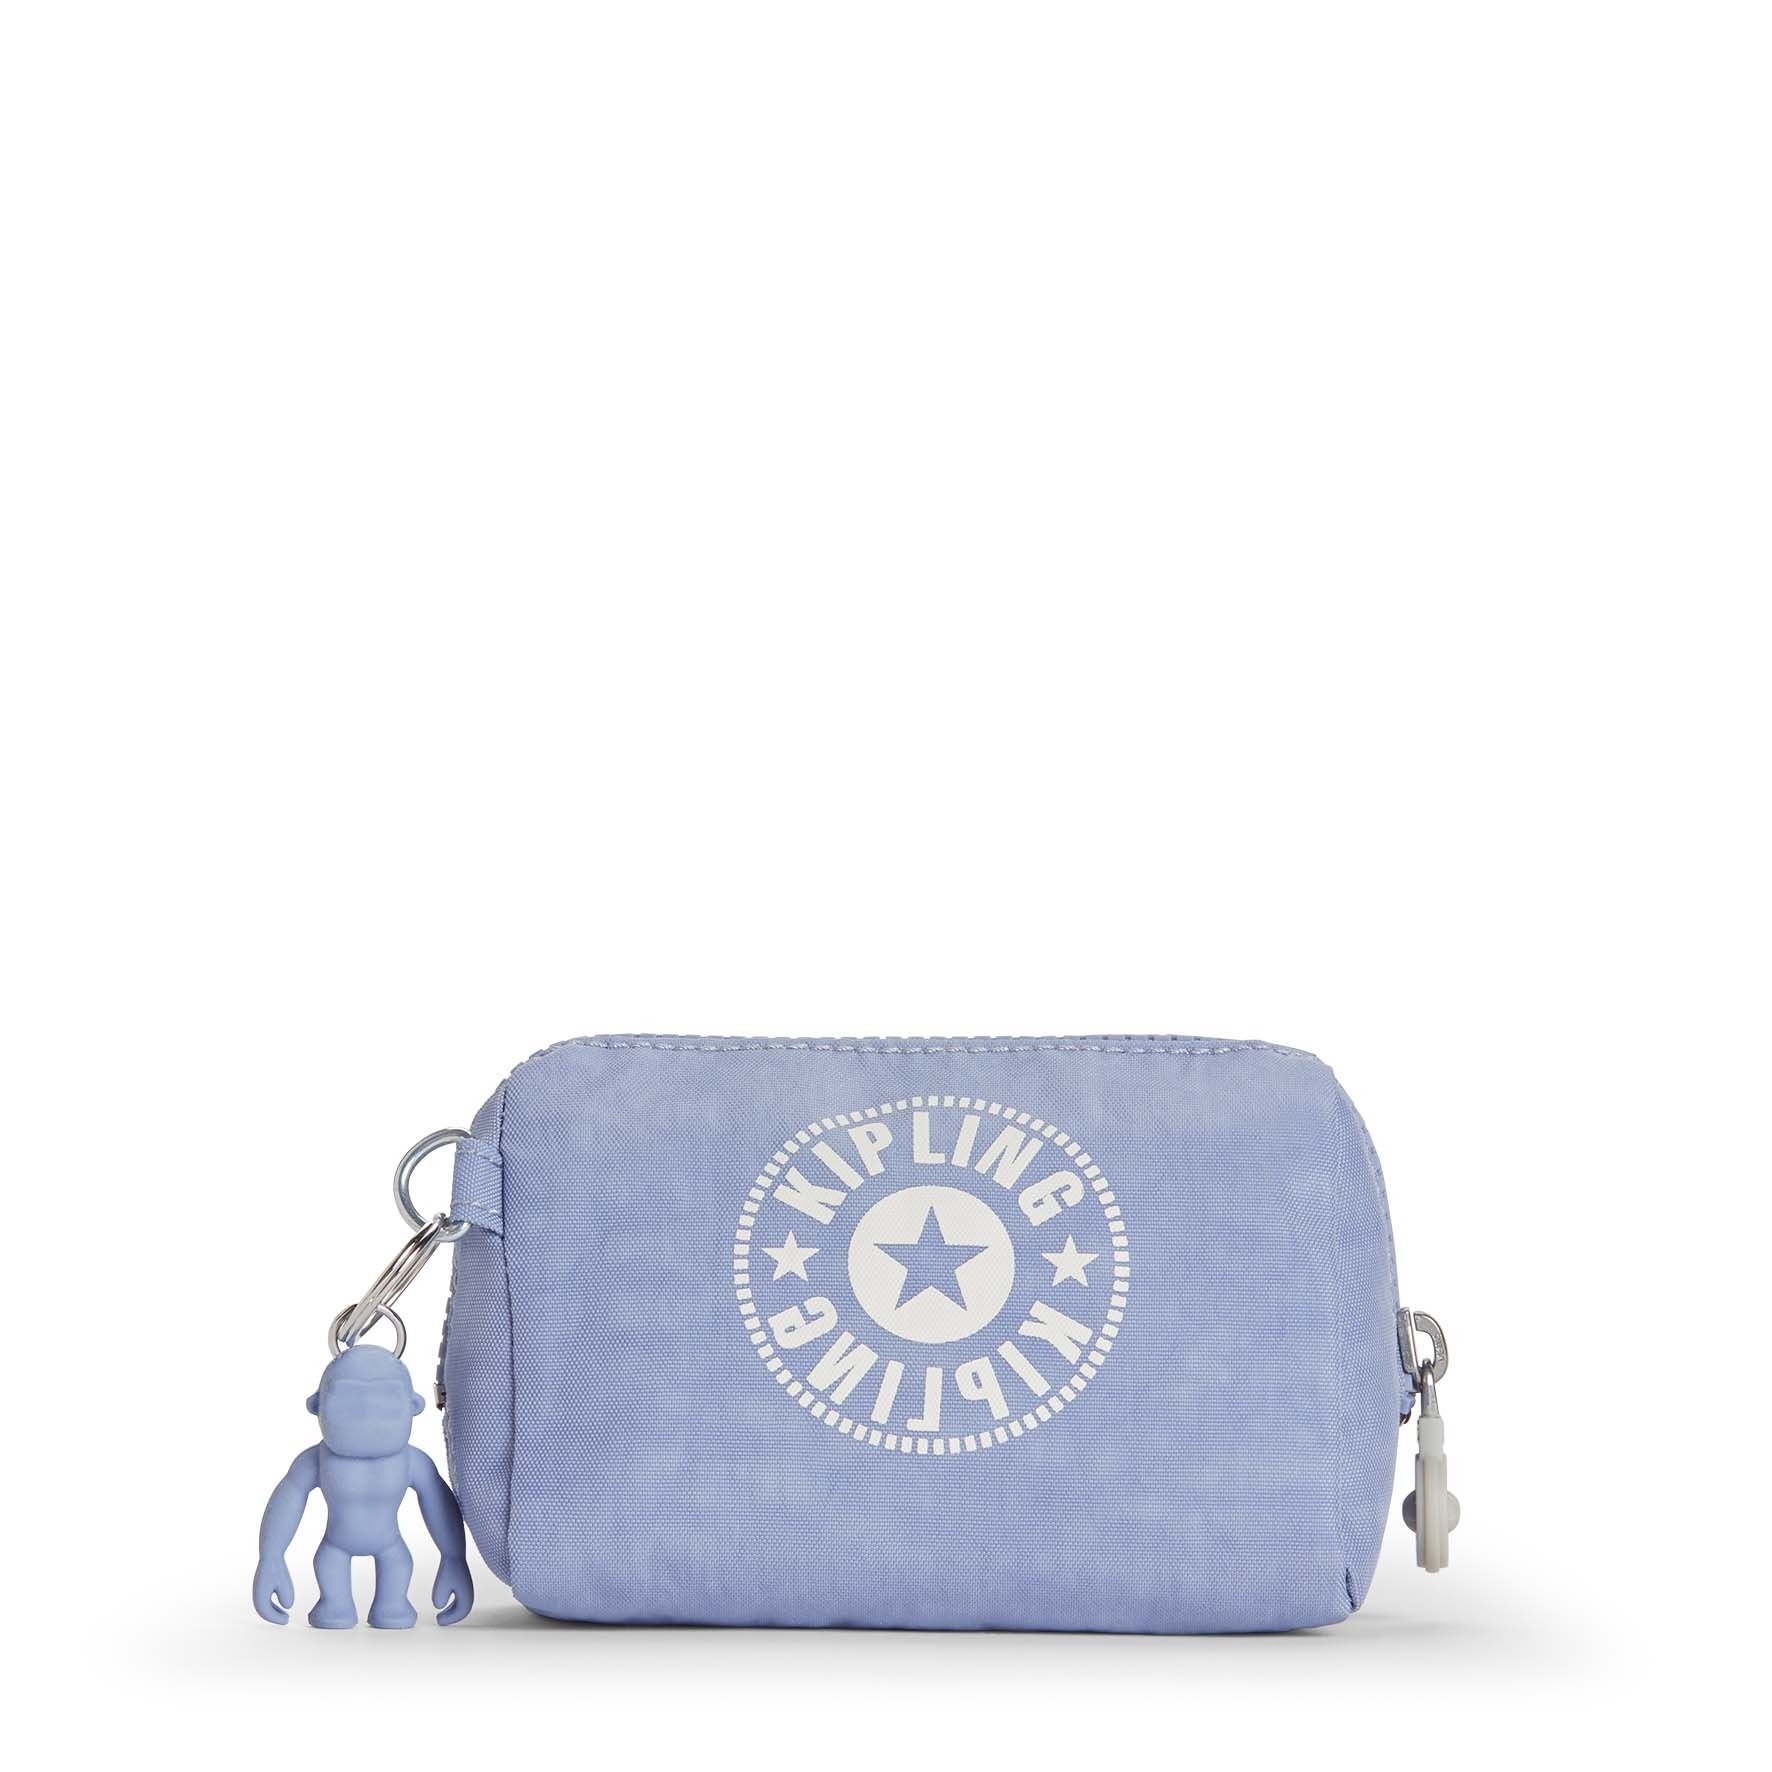 תיק איפור קטן Inami S - Timid Blue כחול מאופק